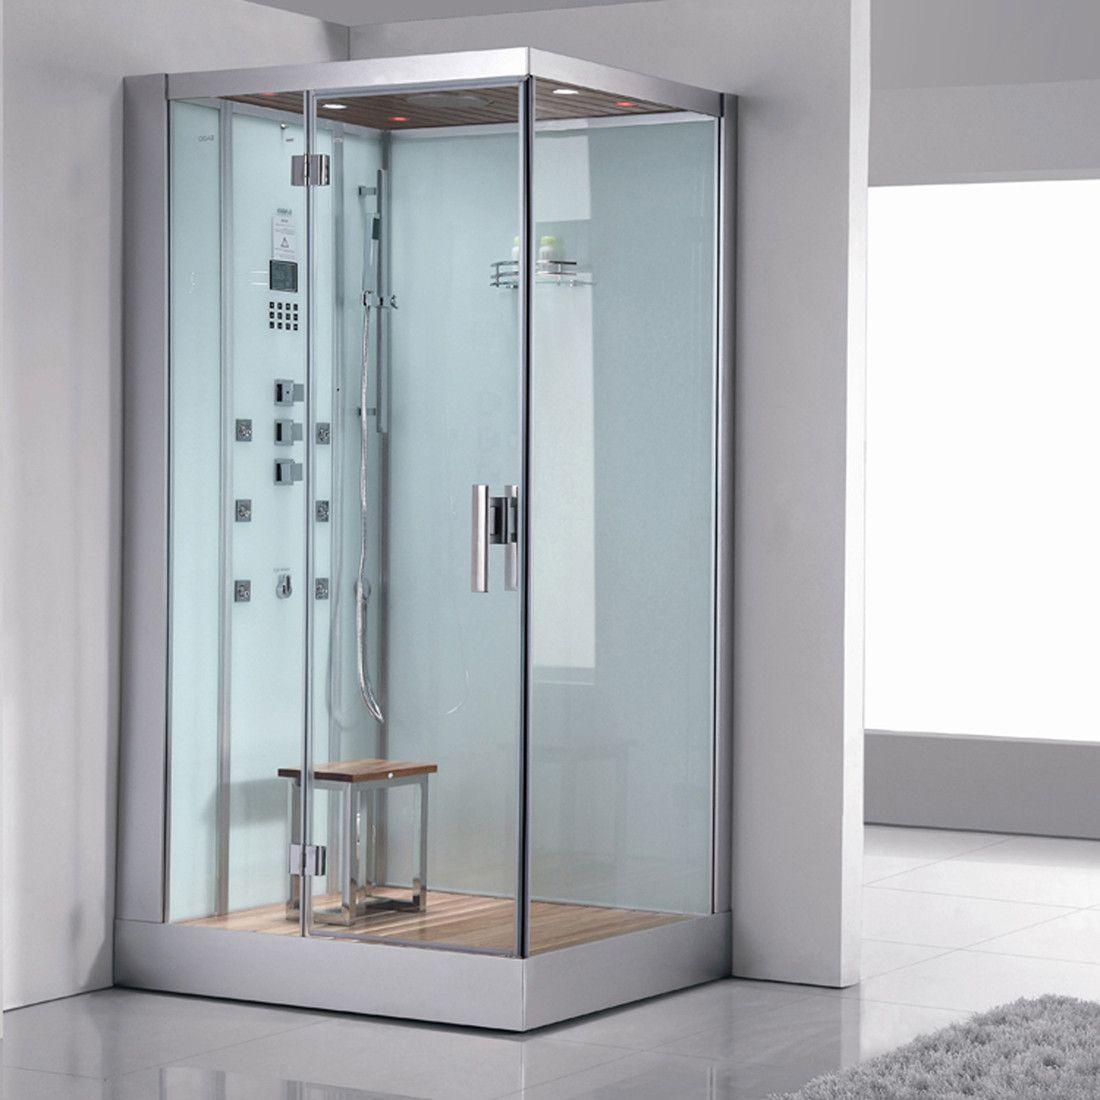 ARIEL Platinum DZ959F8 Steam Shower | Steam Showers | Pinterest ...